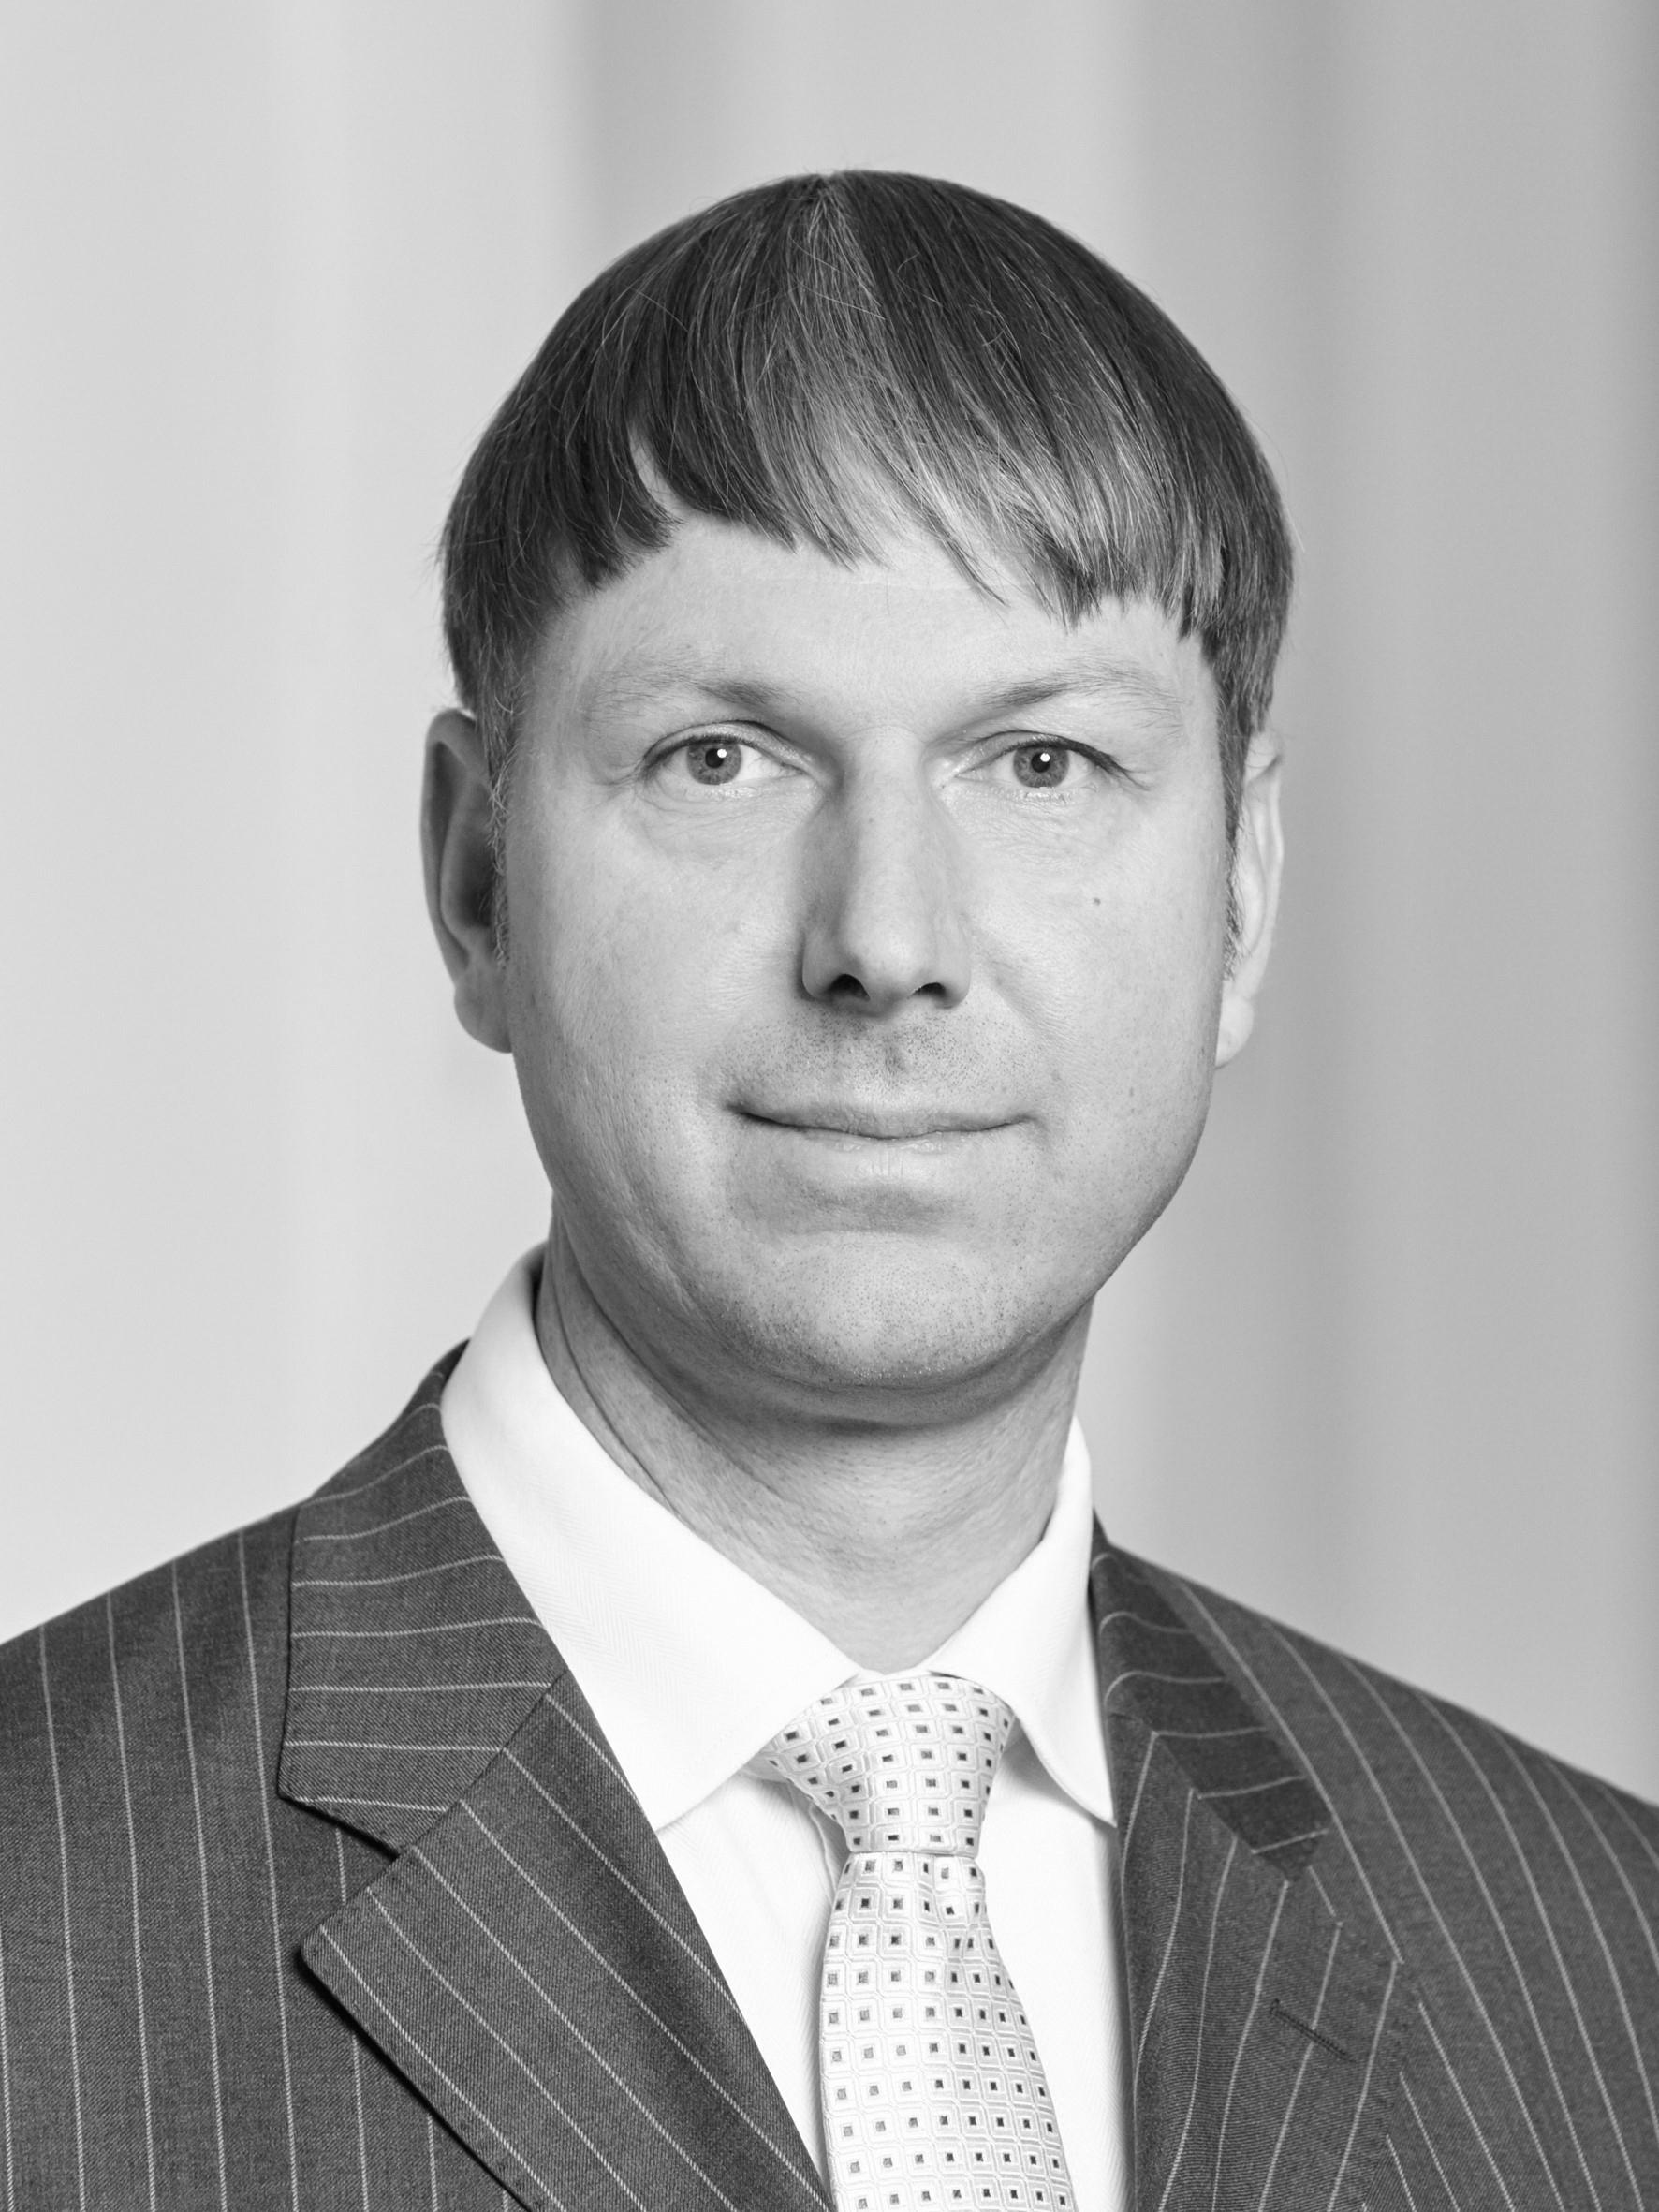 Dirk Helbing